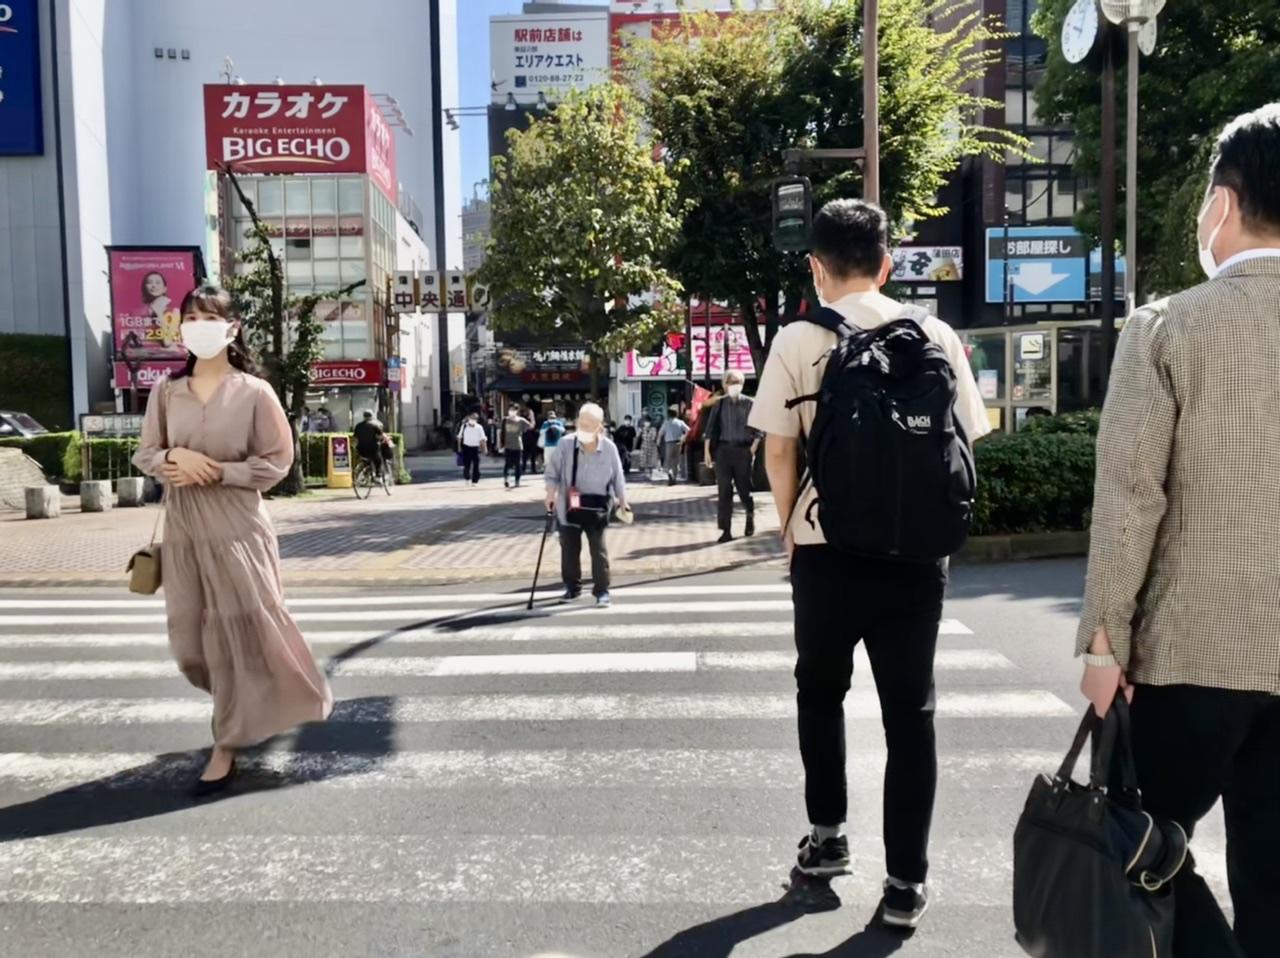 जापान ताजा कोरोना संक्रमण अवस्था